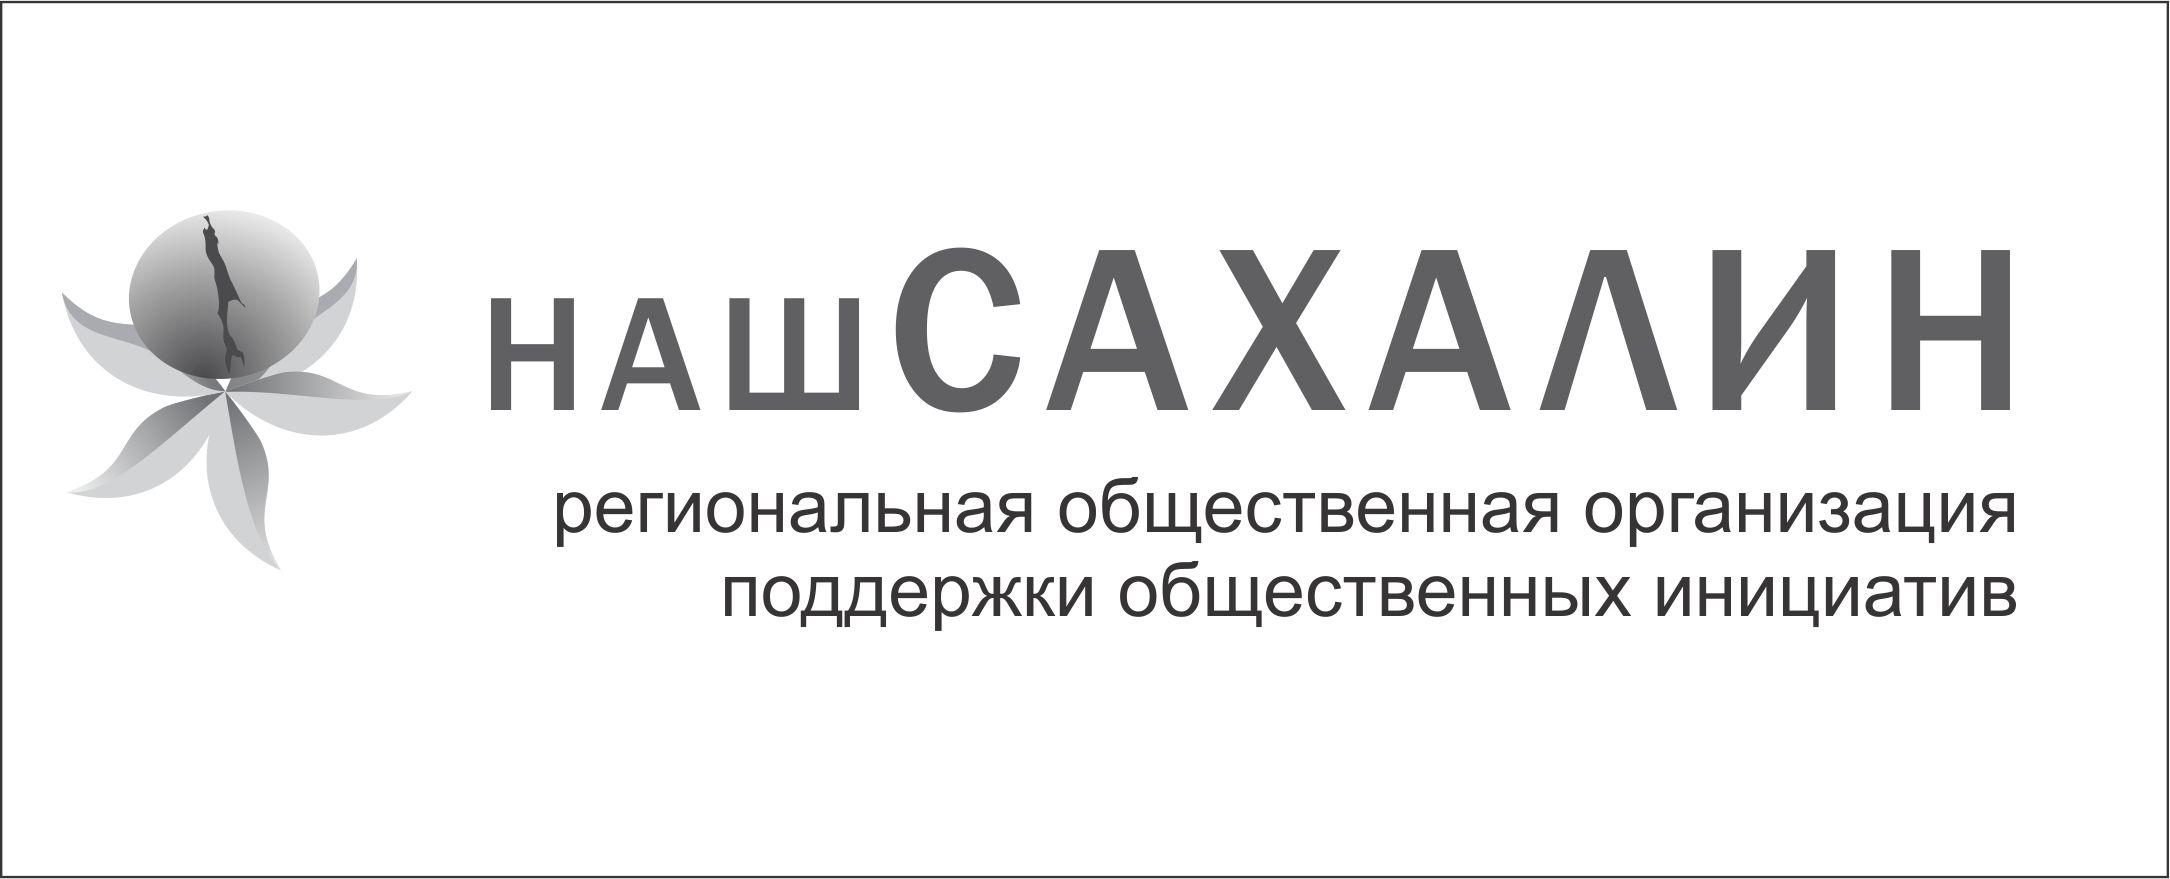 """Логотип для некоммерческой организации """"Наш Сахалин"""" фото f_8915a828f3e2b4dc.jpg"""